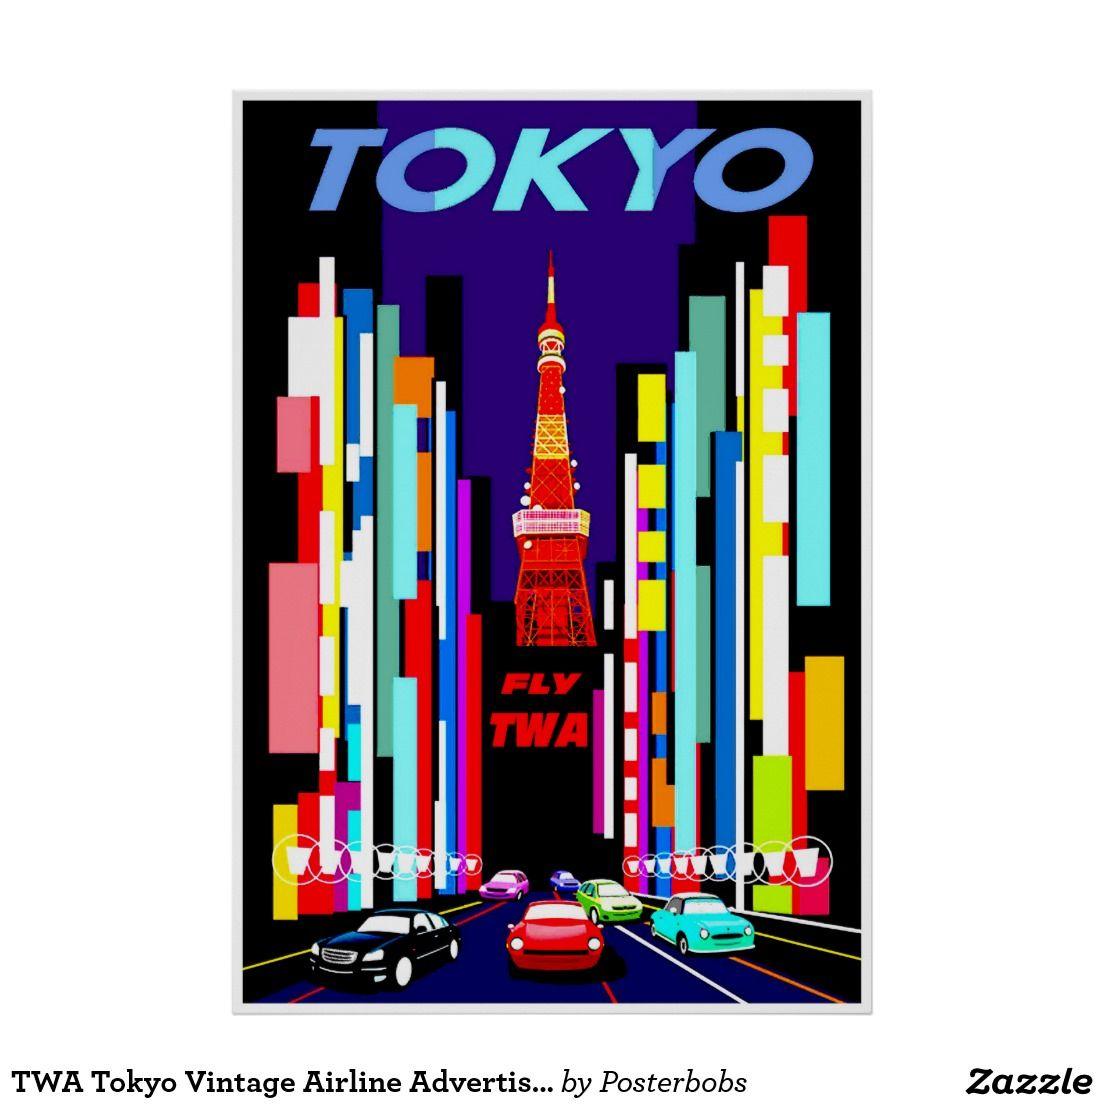 TWA Tokyo Vintage Airline Advertising Print